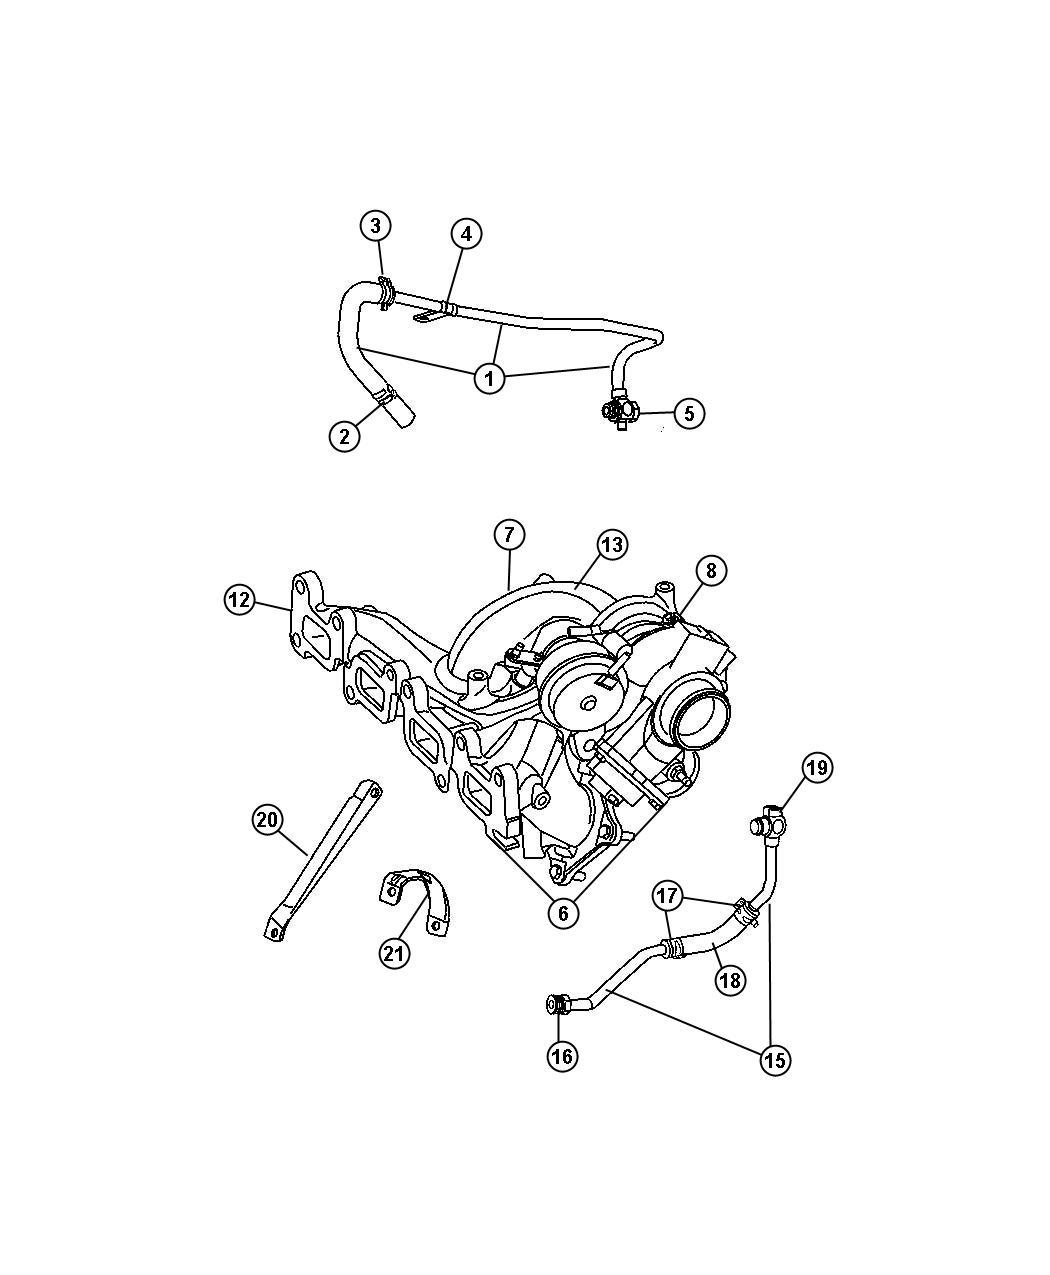 Chrysler Aspen Turbocharger See Reference Edj